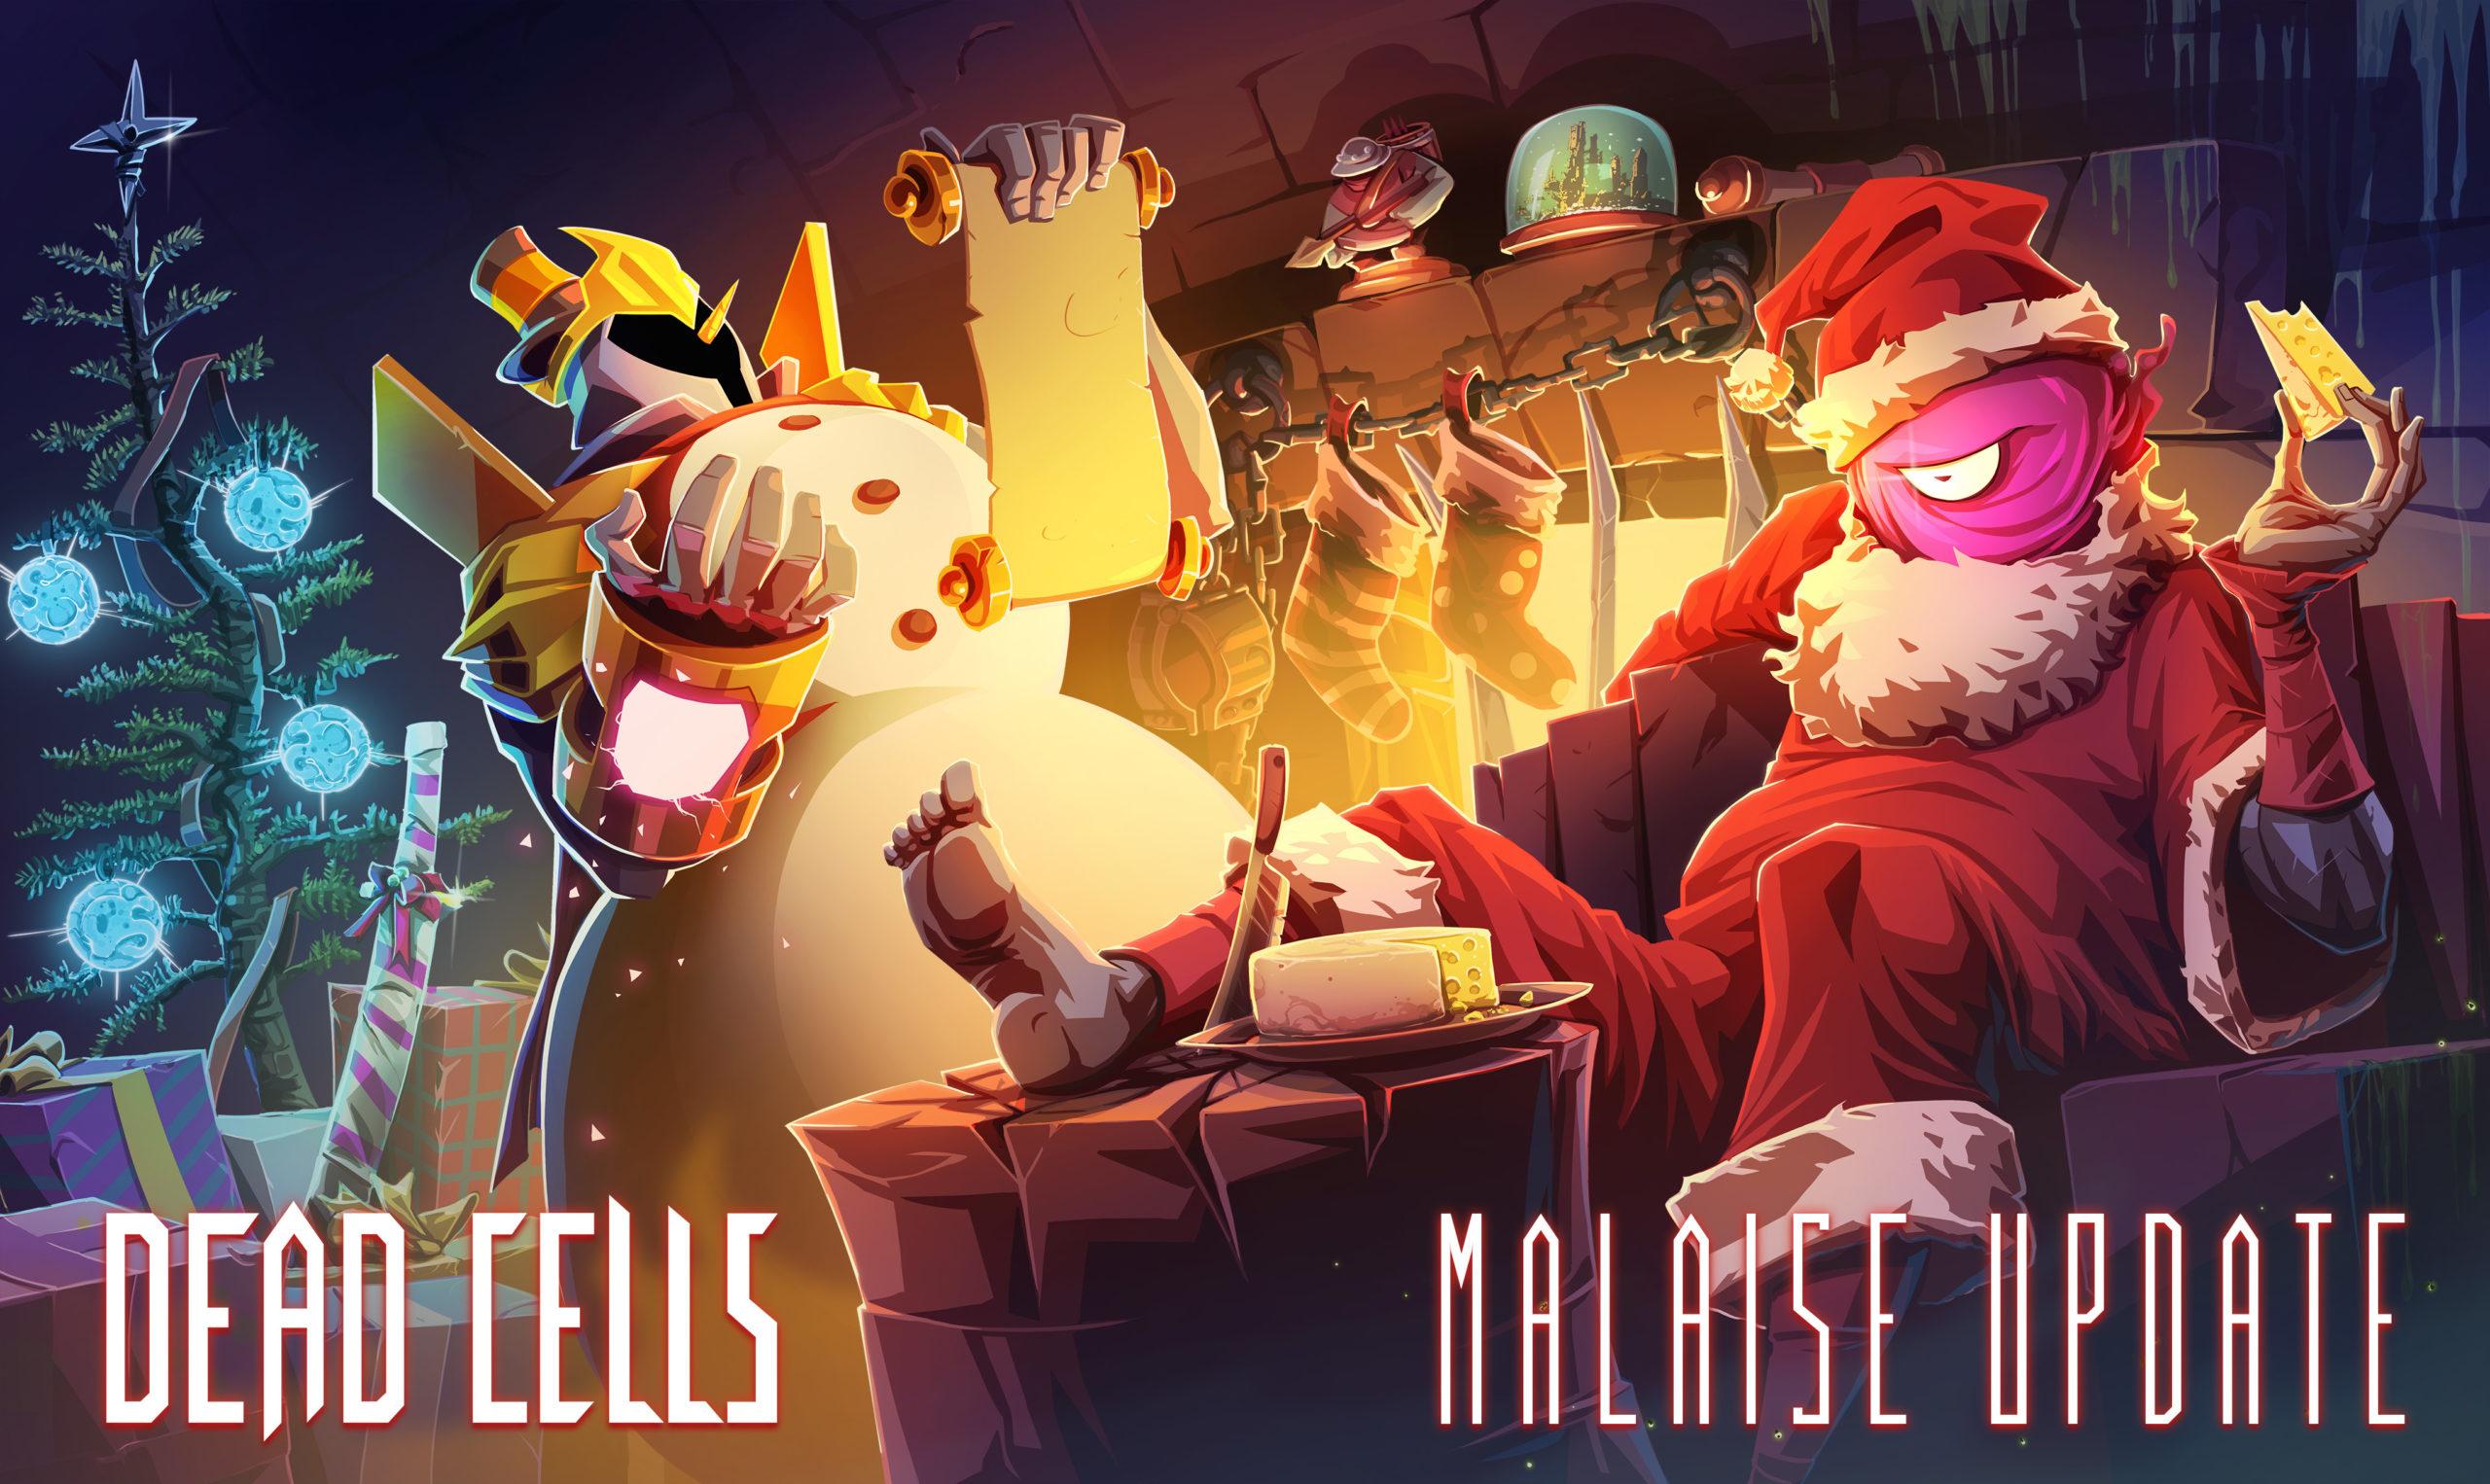 Обновление #21 «Malaise Update» для Dead Cells